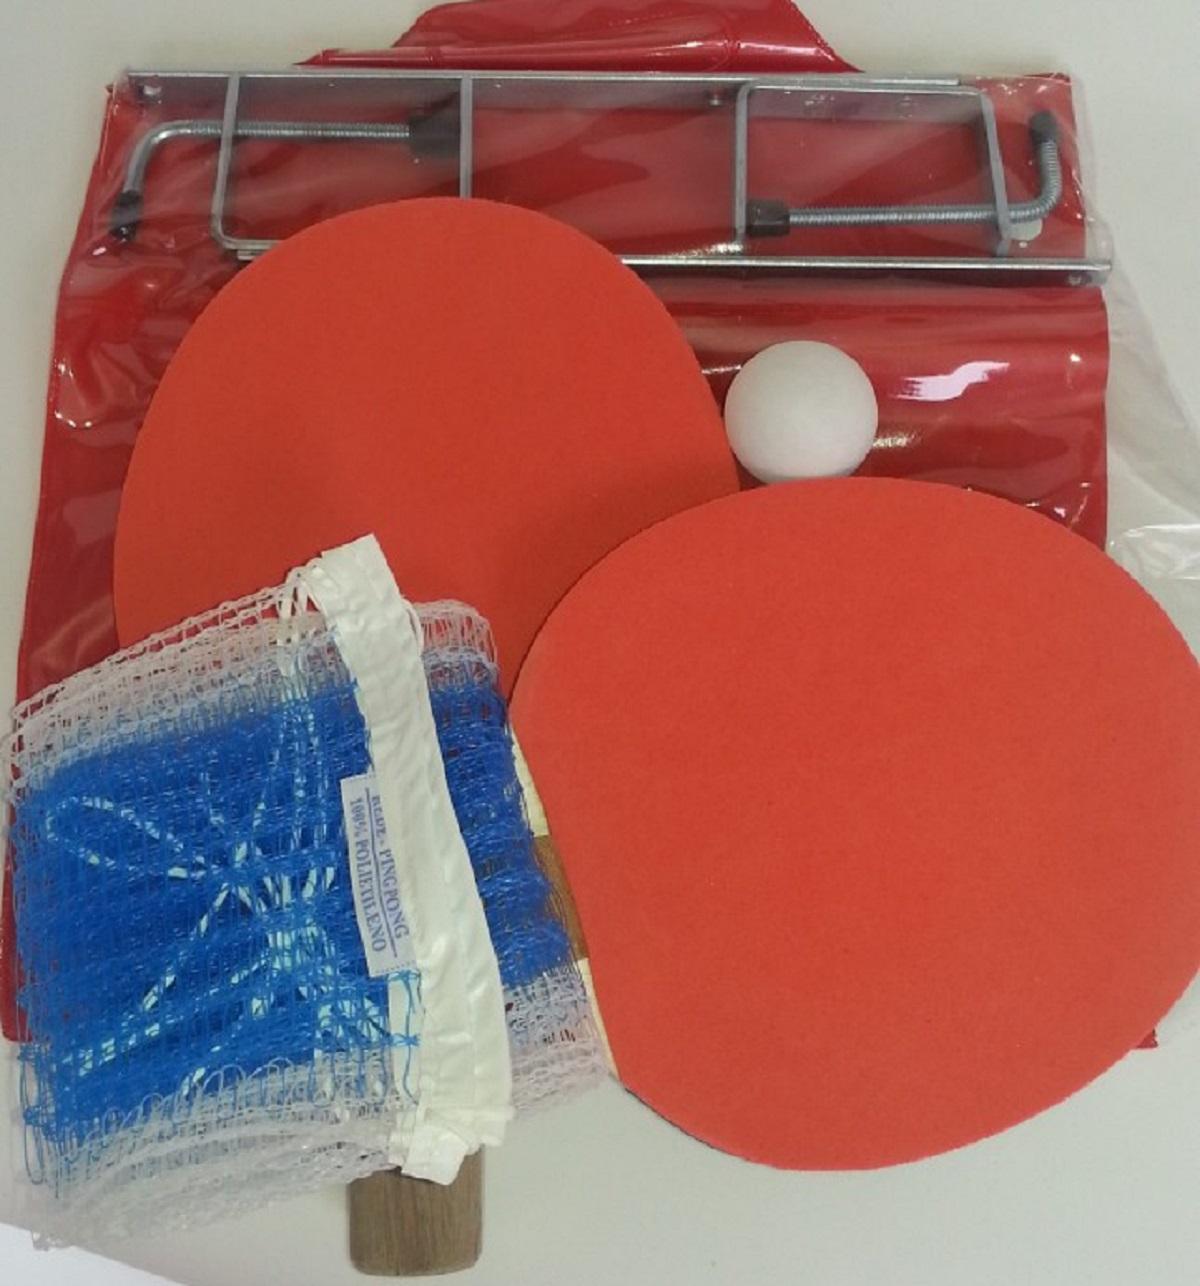 Kit de Ping Pong - 2 Raquetes+Rede+Bola